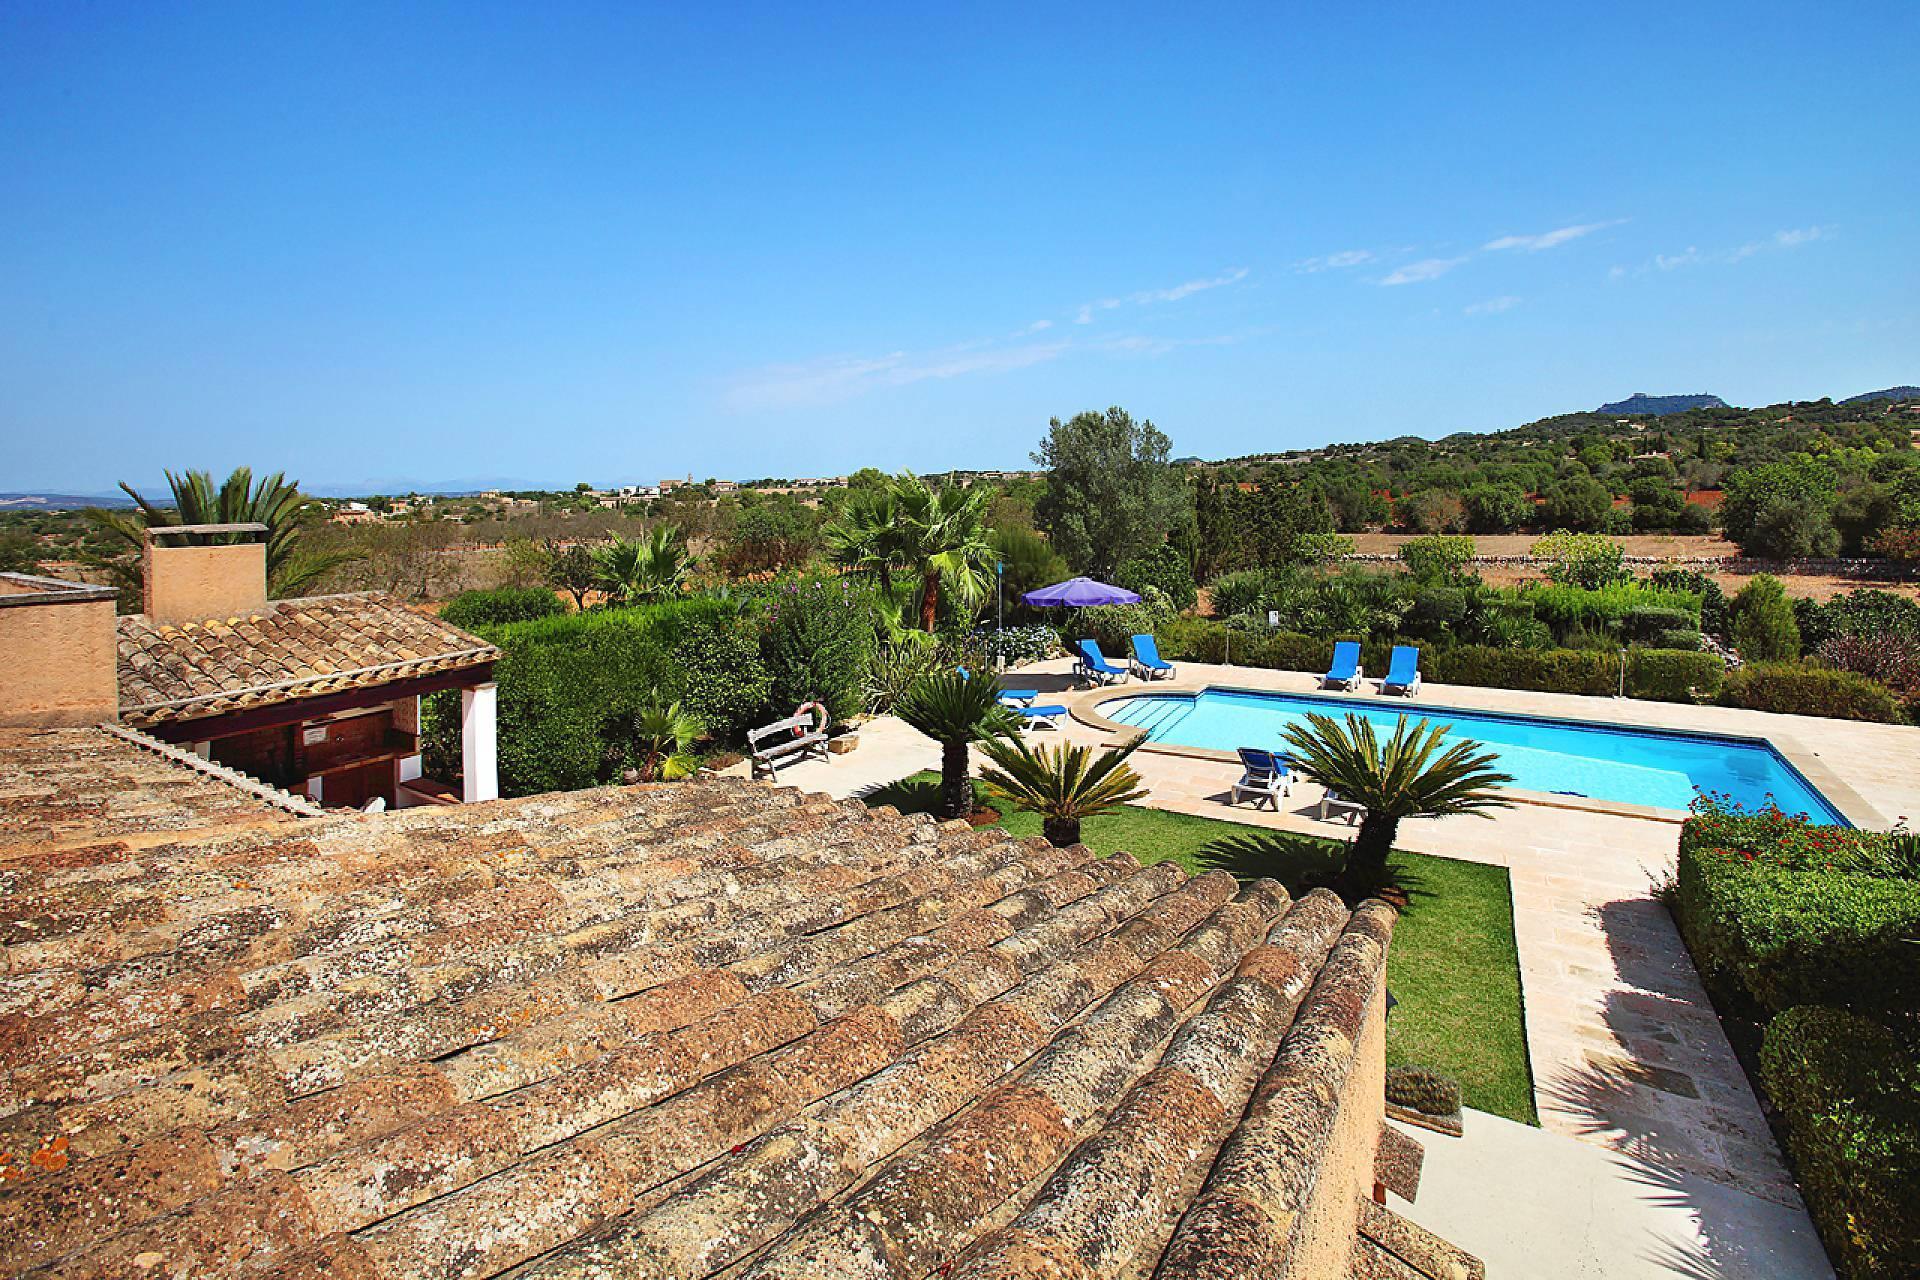 01-132 Urige Finca Mallorca Osten Bild 8